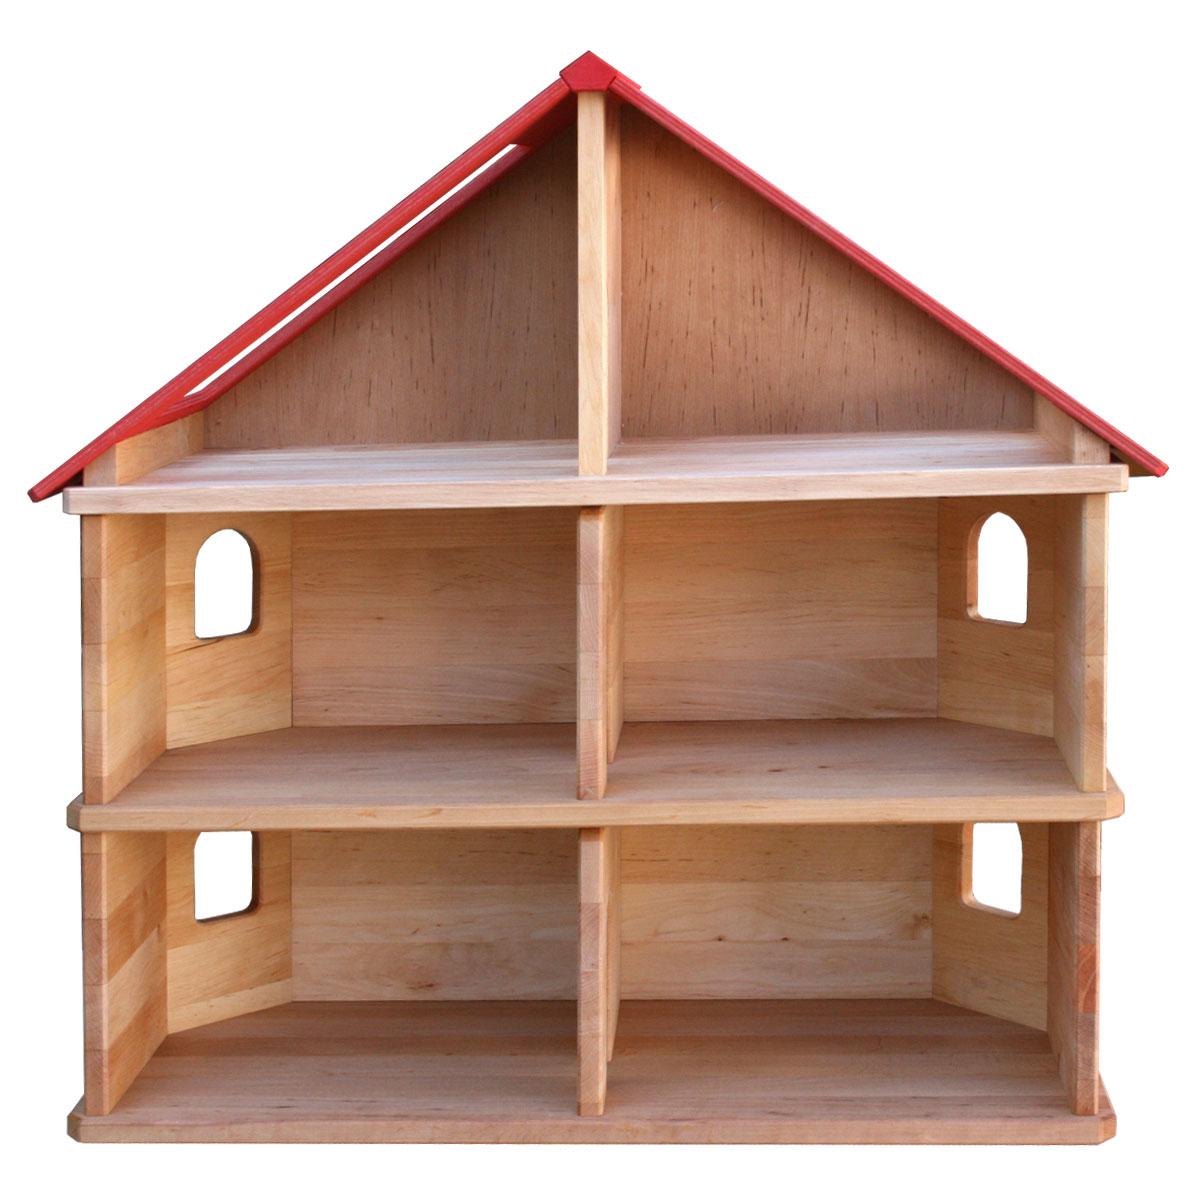 sch llner puppenstube aus holz pirum. Black Bedroom Furniture Sets. Home Design Ideas